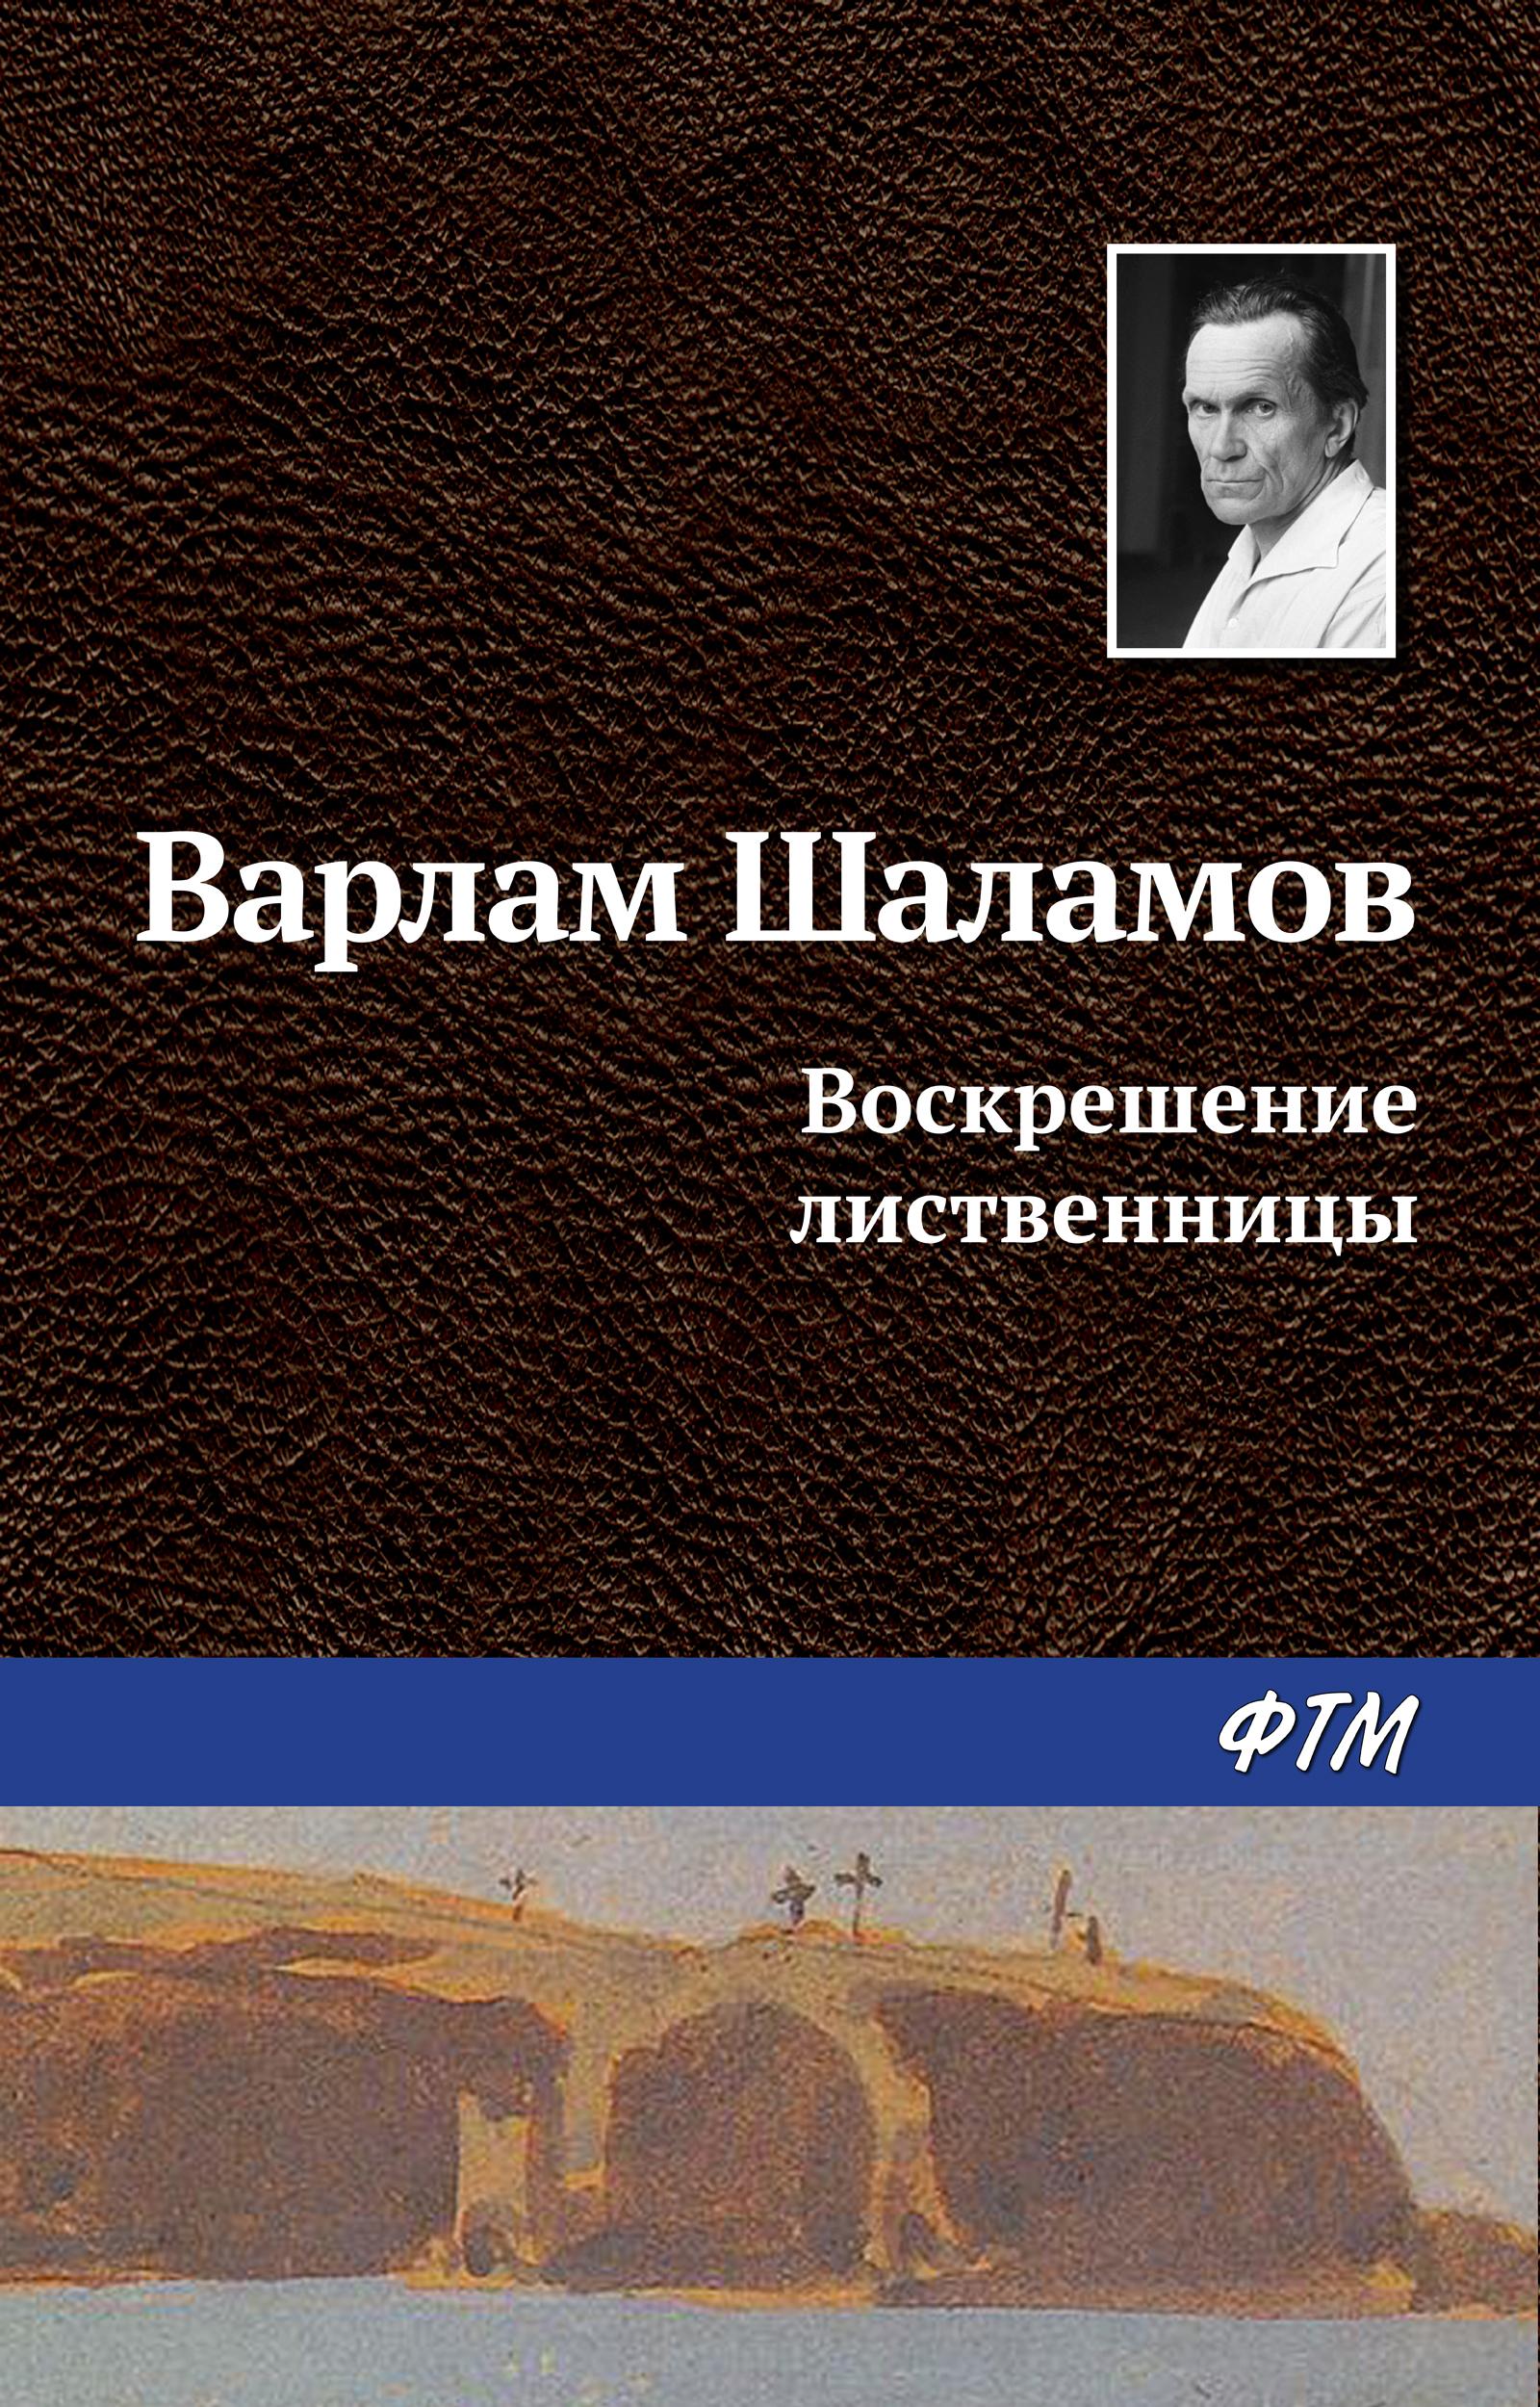 Варлам Шаламов Воскрешение